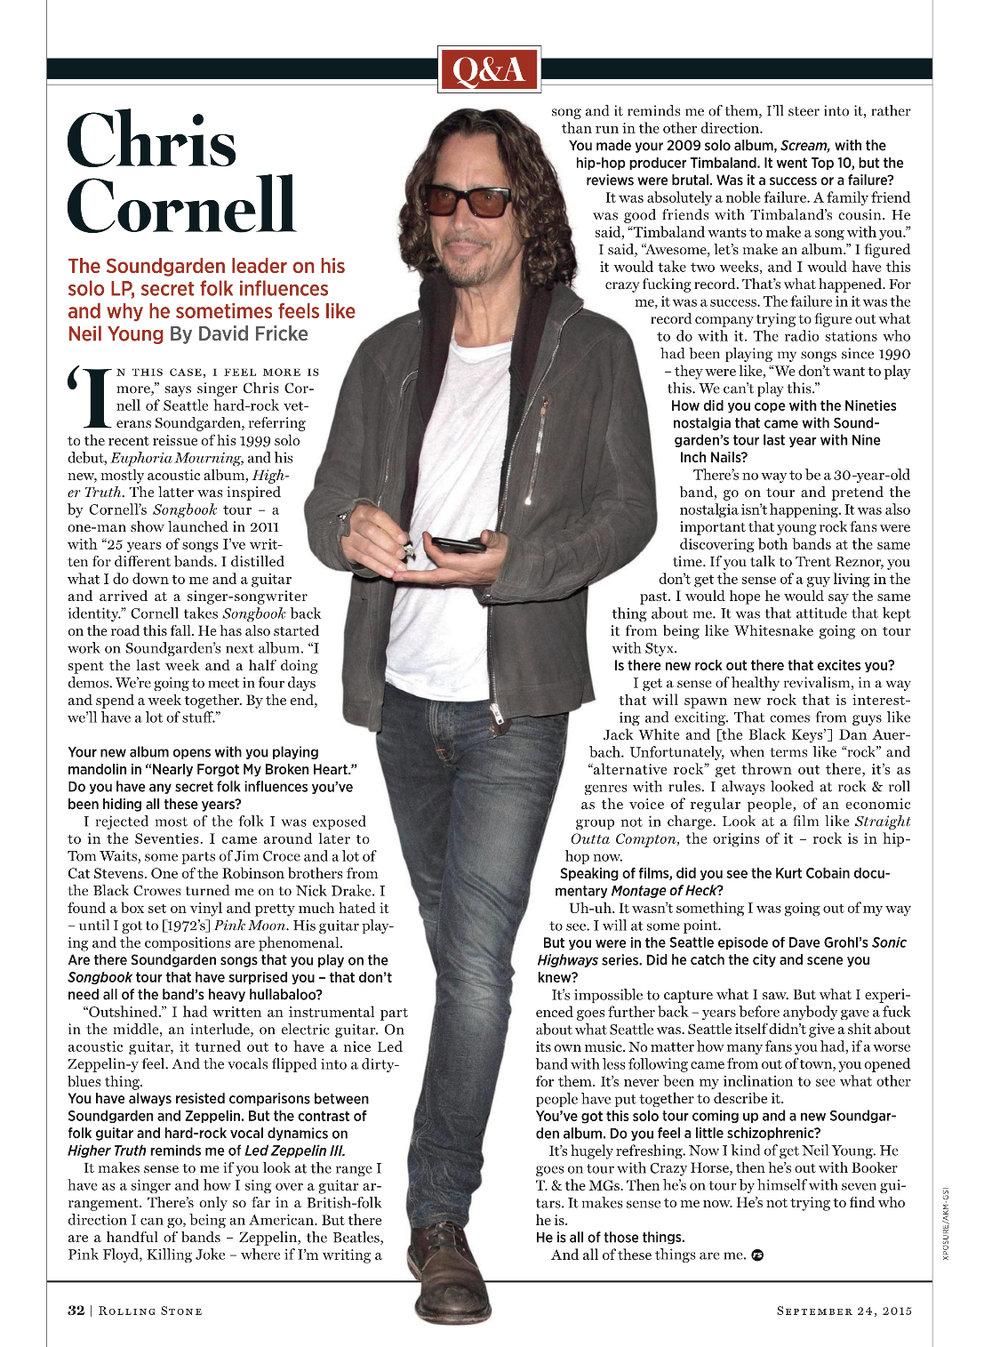 Rolling Stone September 2015